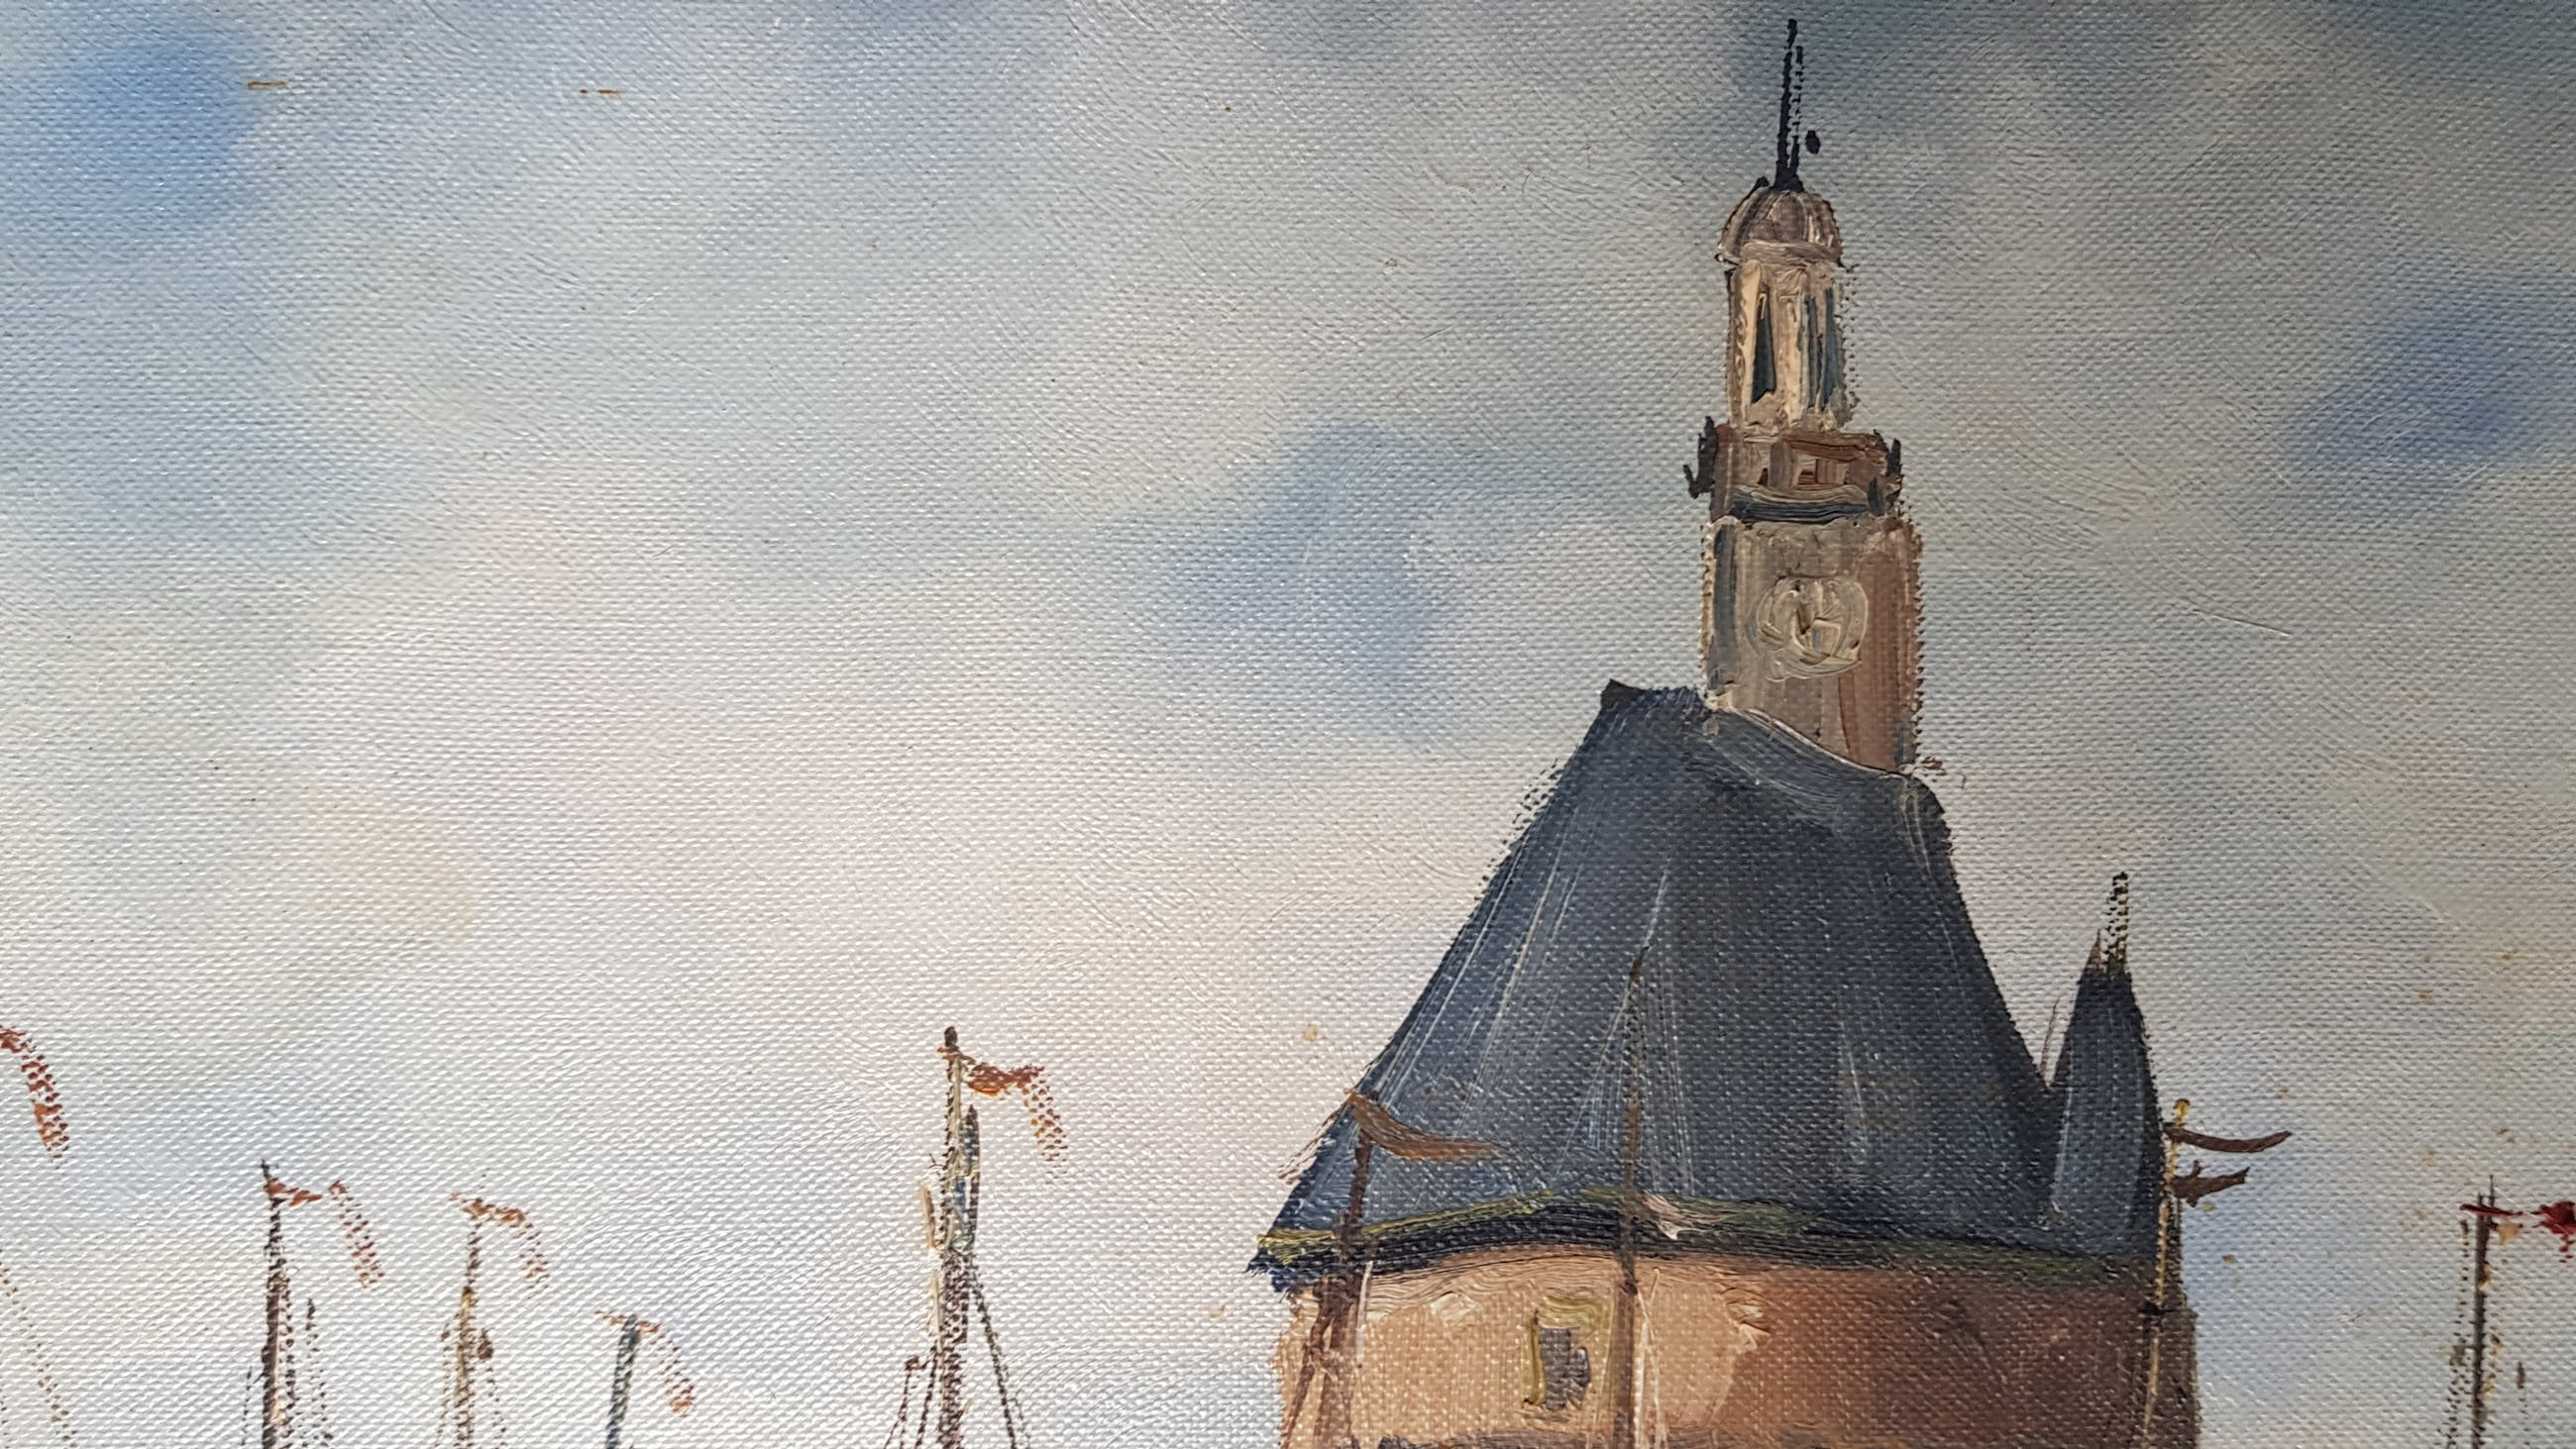 Jan Kelderman - De hoofdtoren van Hoorn, olie op doek - gesigneerd kopen? Bied vanaf 1!